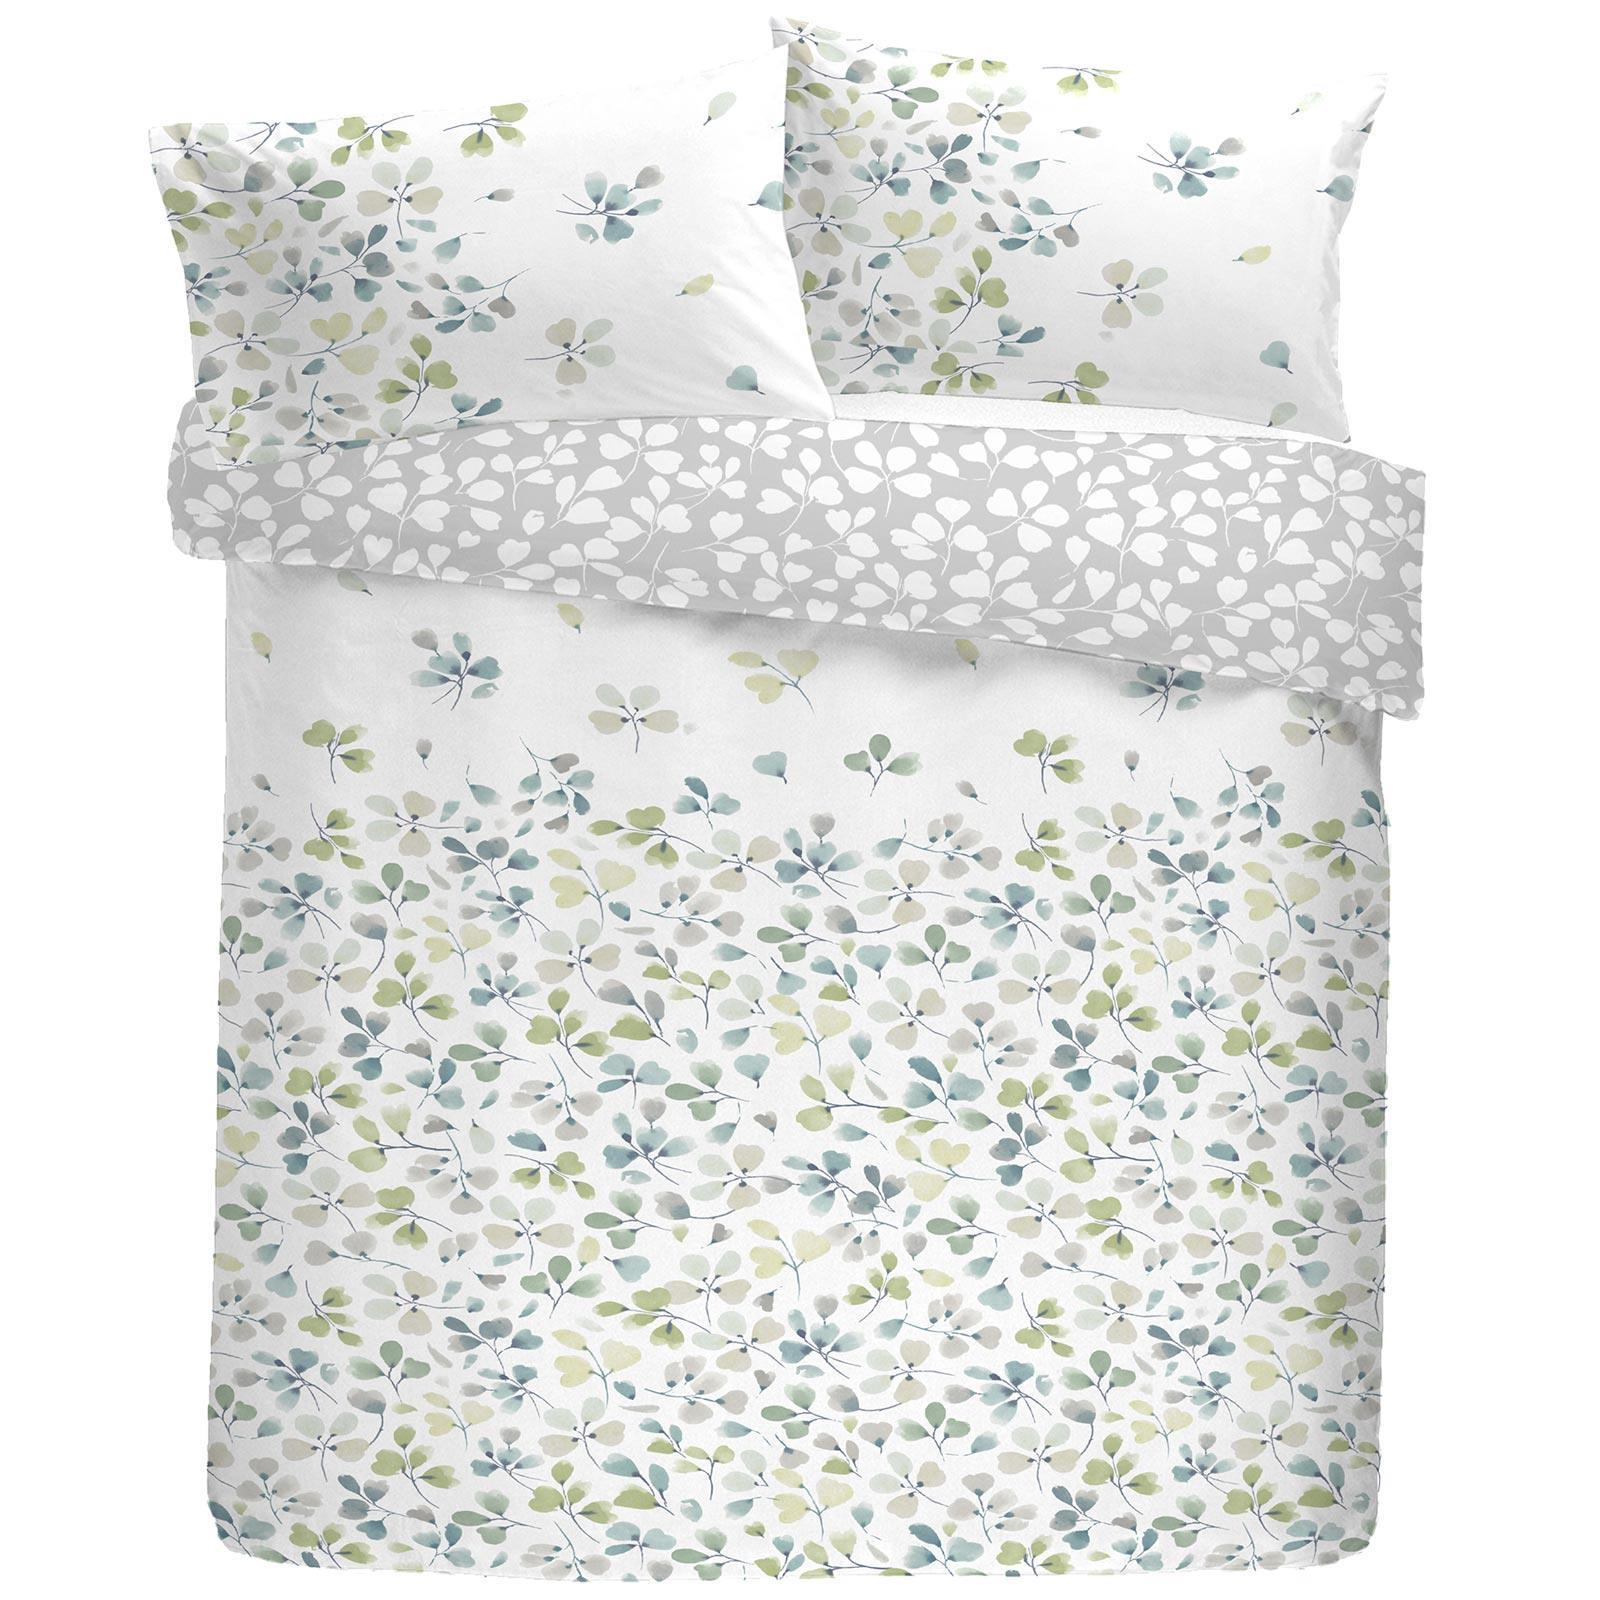 Green Housses De Couette Motif Floral Fleurs Imprimé Blanc Réversible Avec Housse De Couette Ensemble De Literie